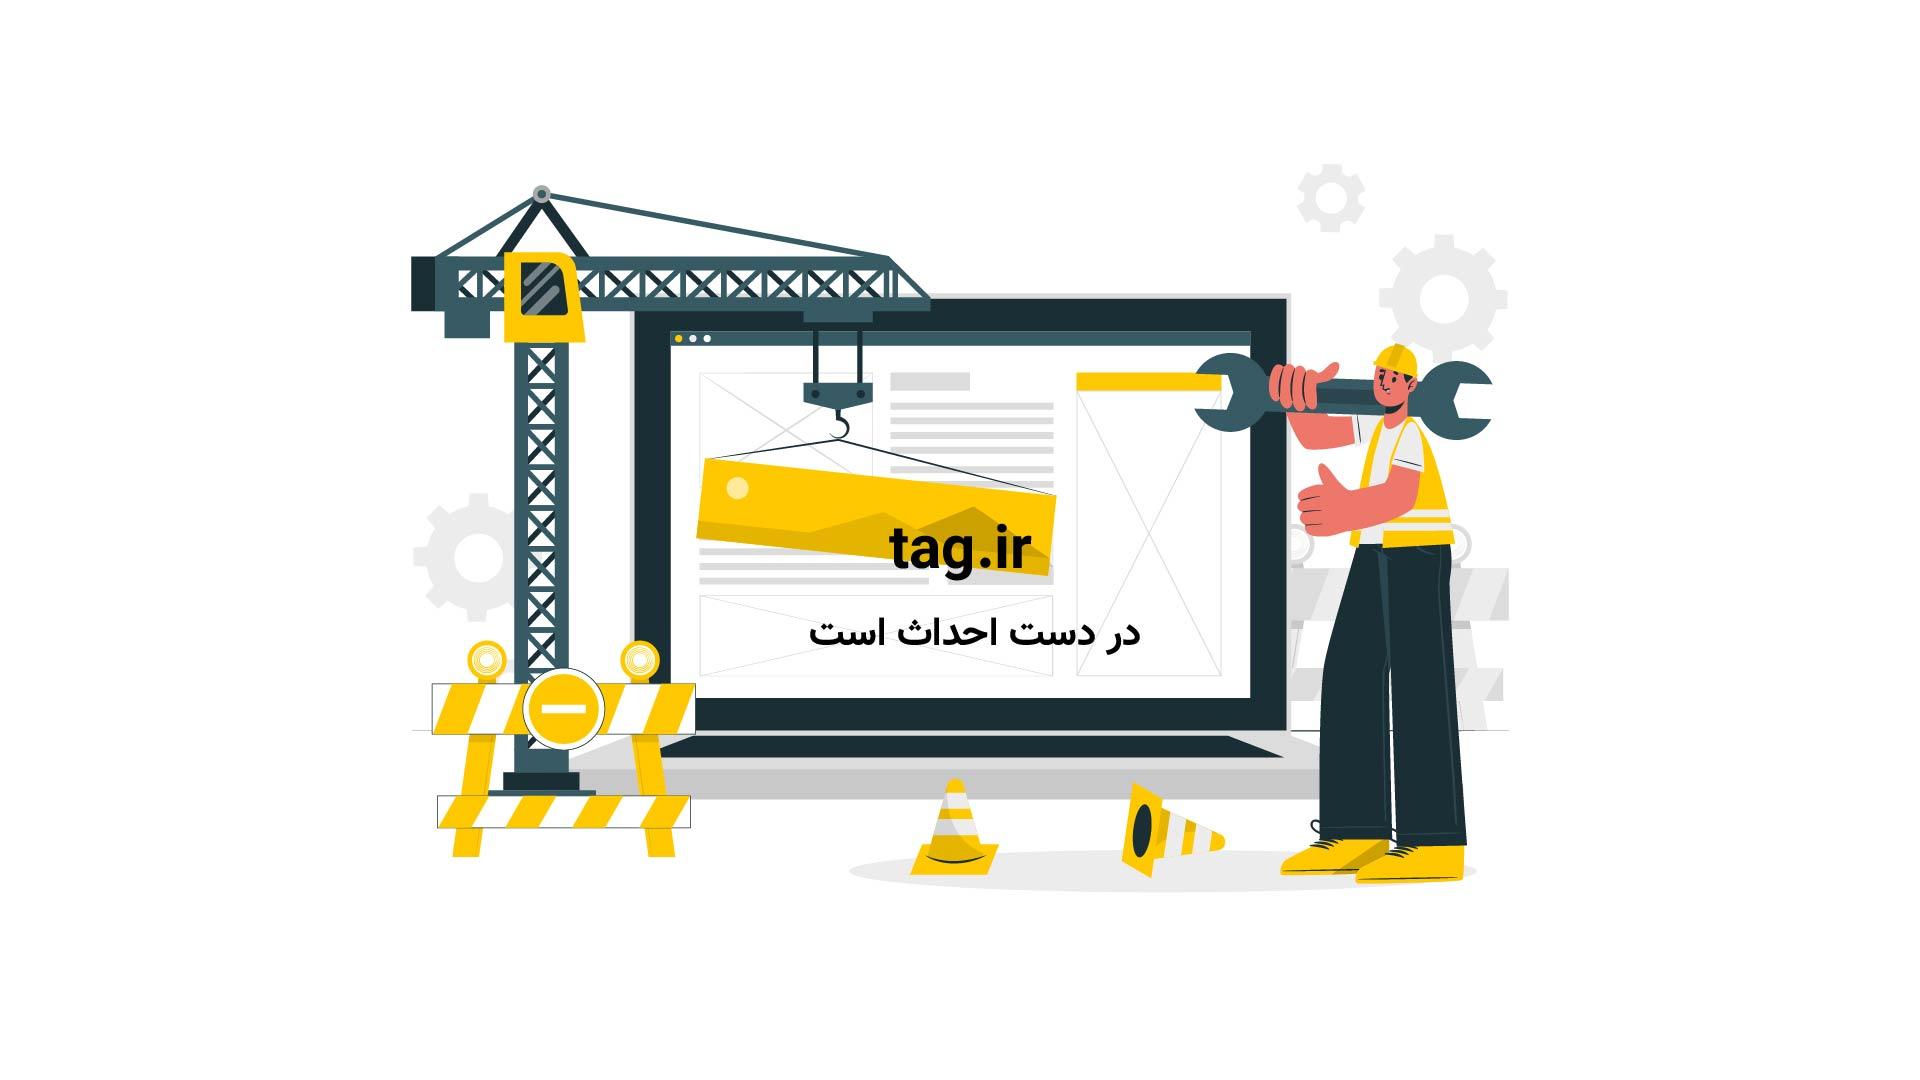 زود قضاوت نکنیم؛هنرنمایی حیرت انگیز نقاش سوییسی + فیلم